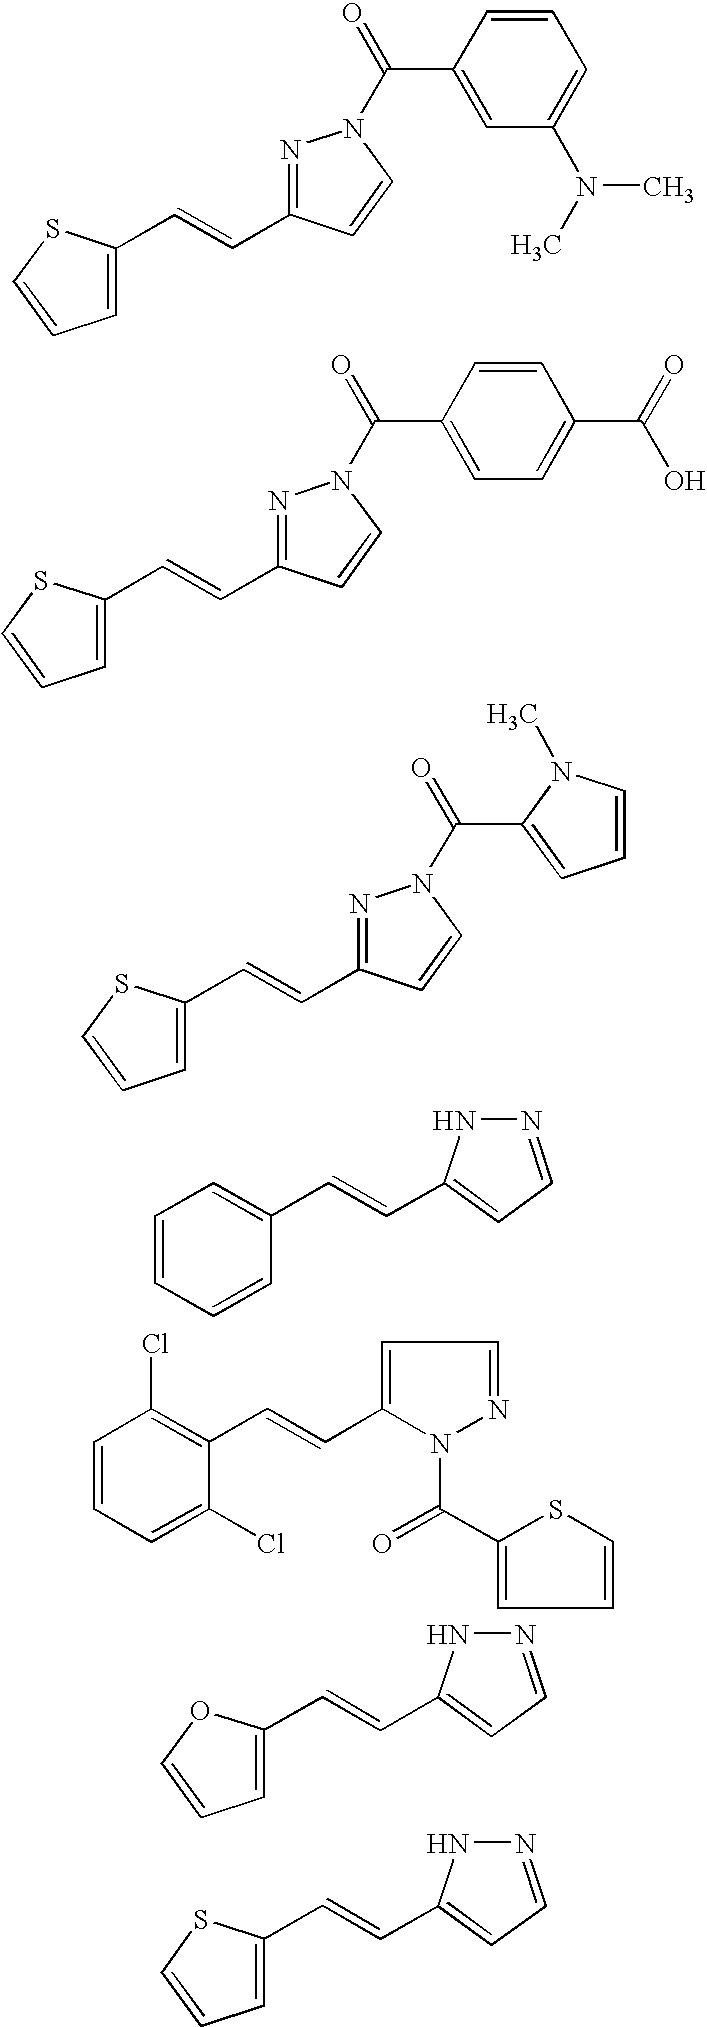 Figure US07192976-20070320-C00074